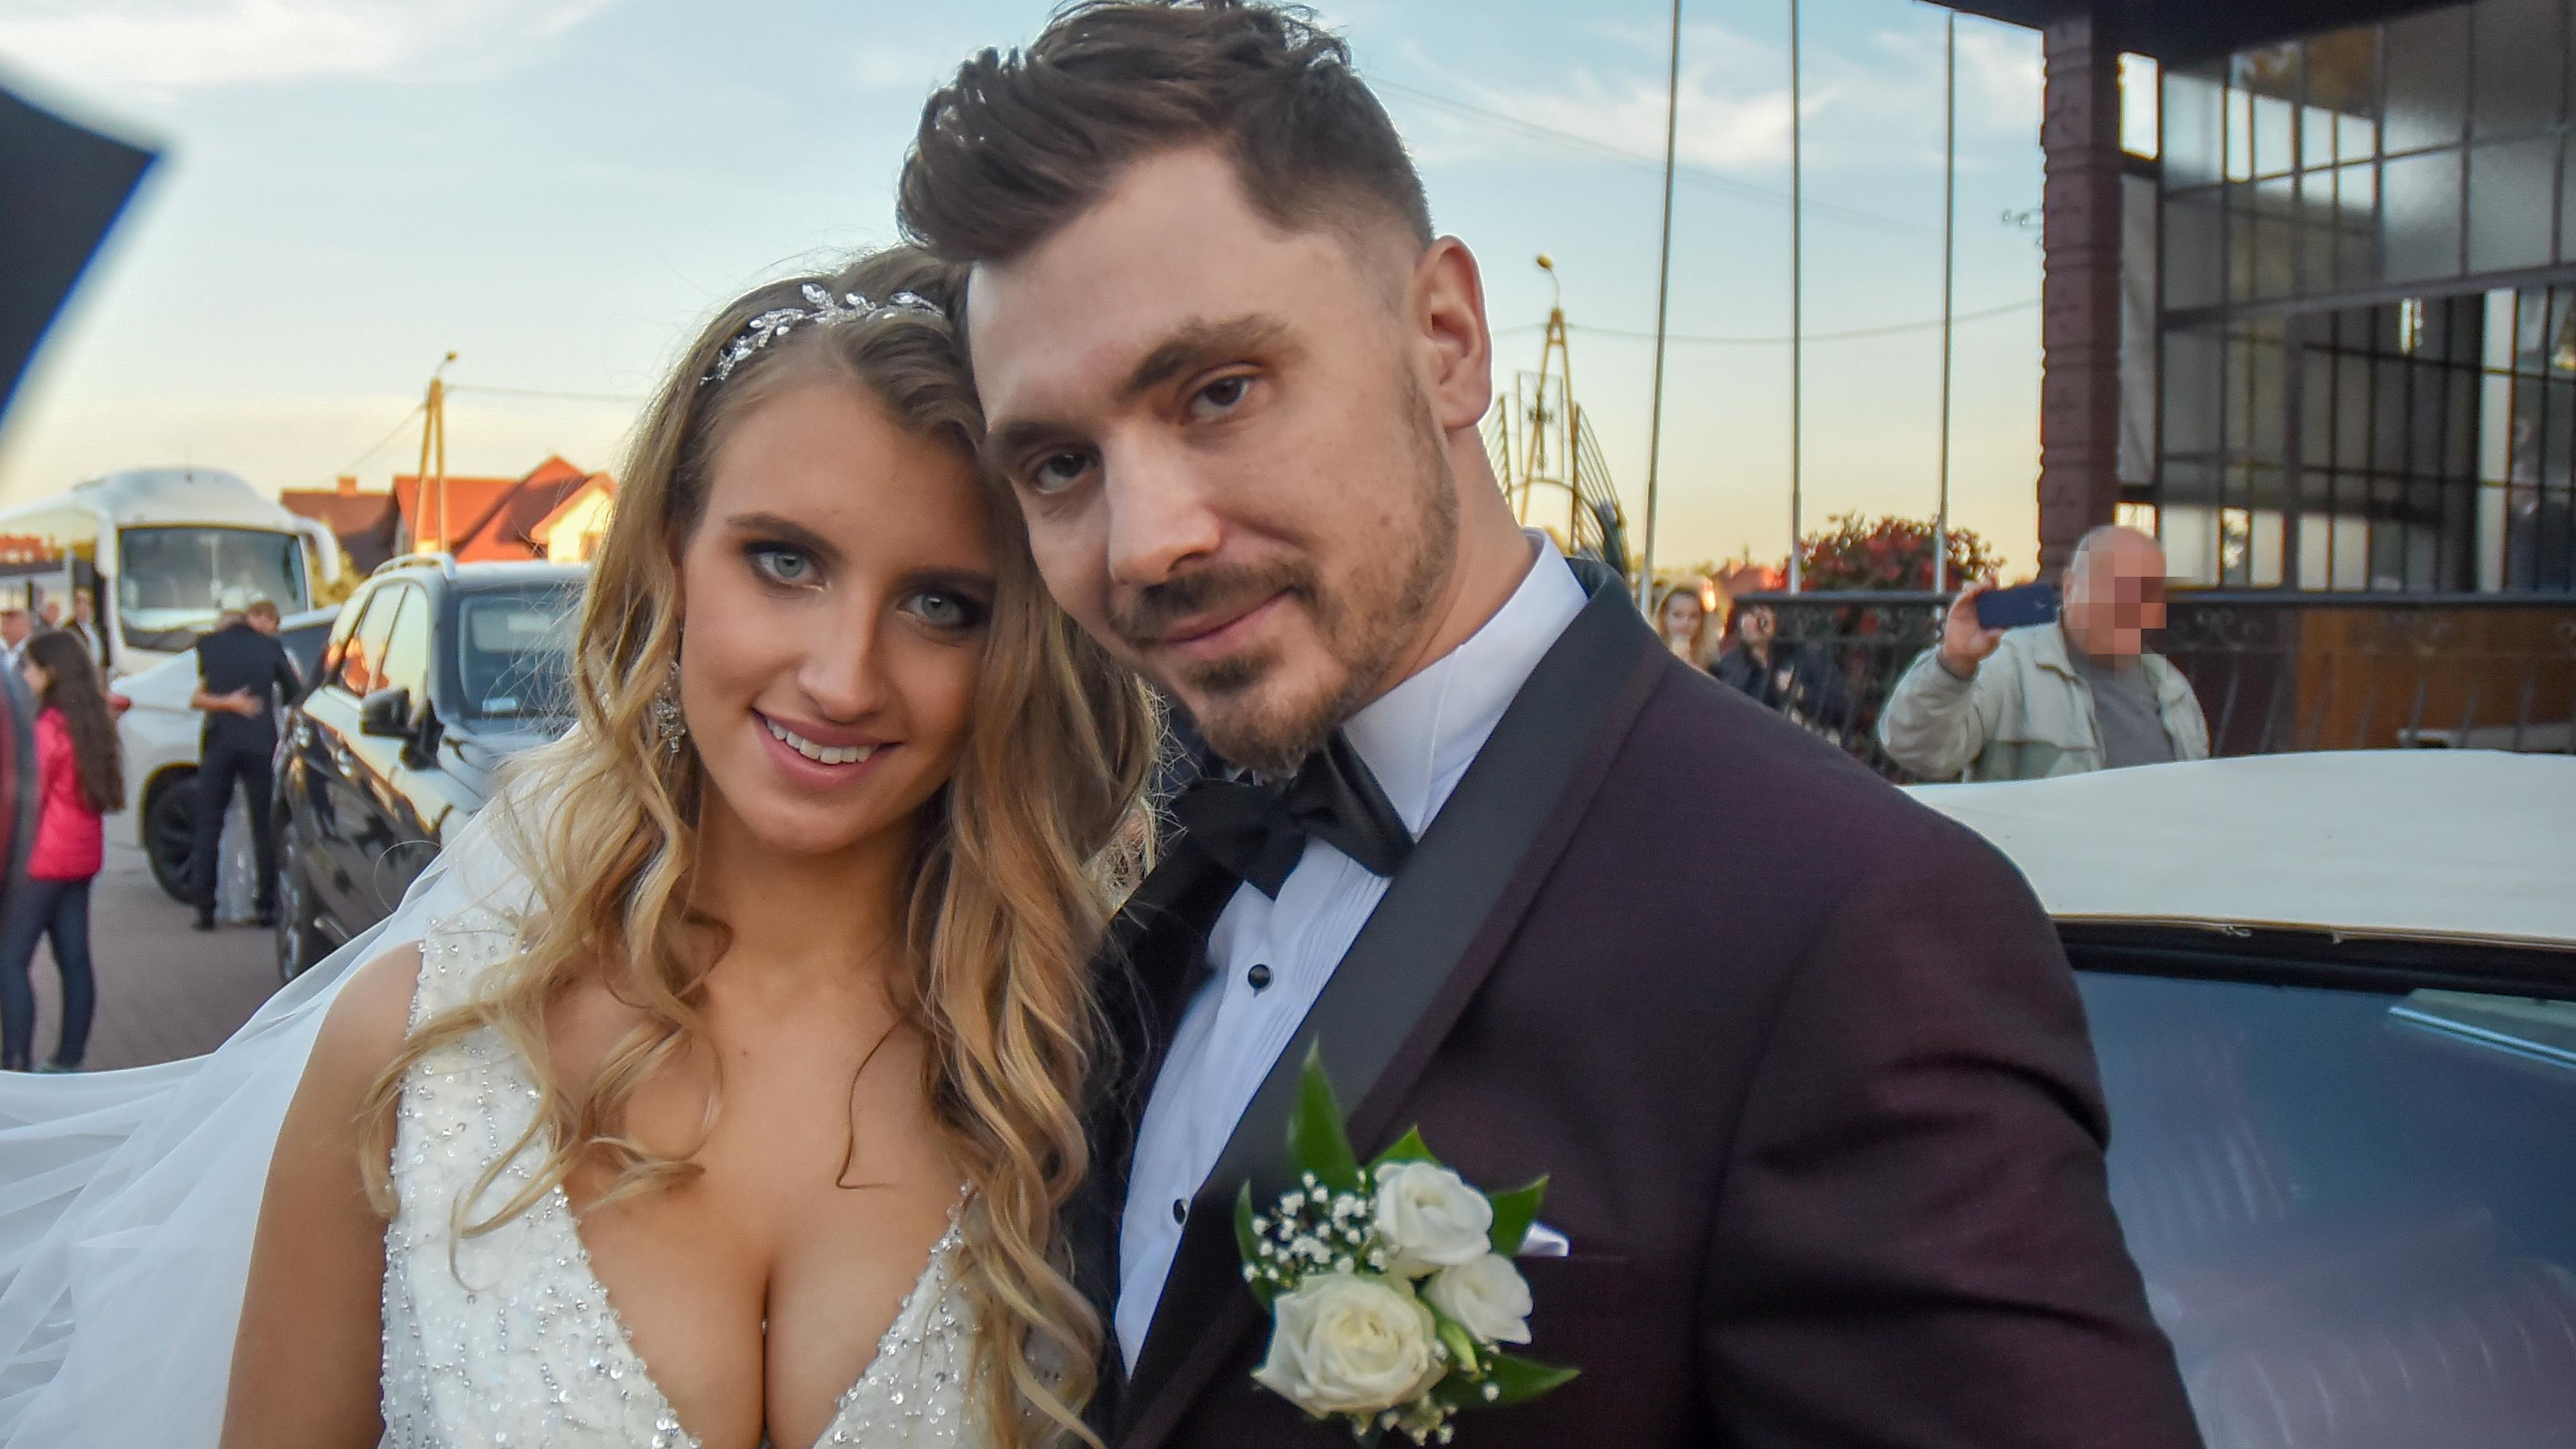 Jest Film Ze ślubu Syna Martyniuka Zobacz Wideo